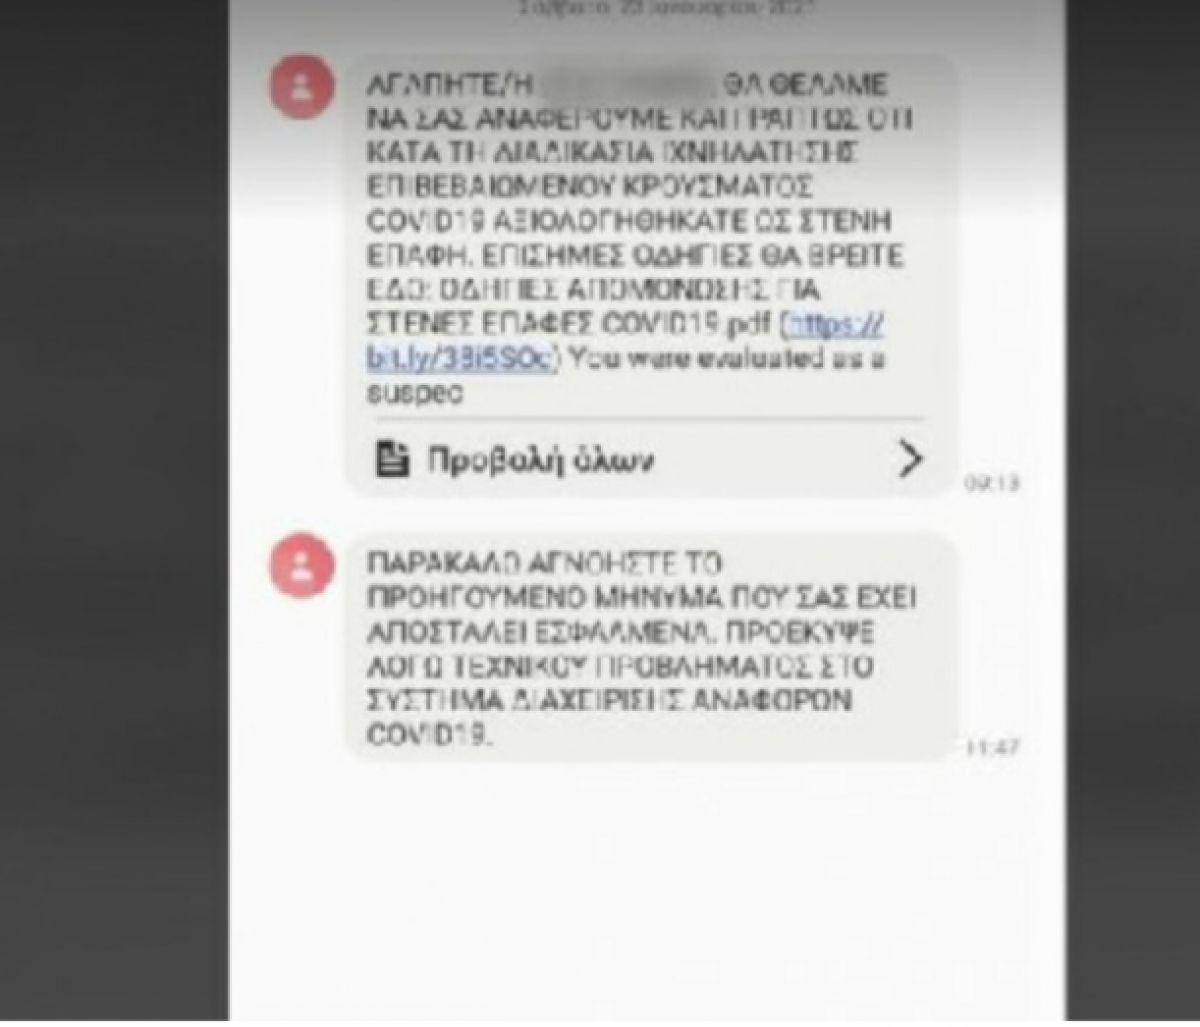 Güney Kıbrıs'taki koronavirüs mesajları, panik yarattı #1